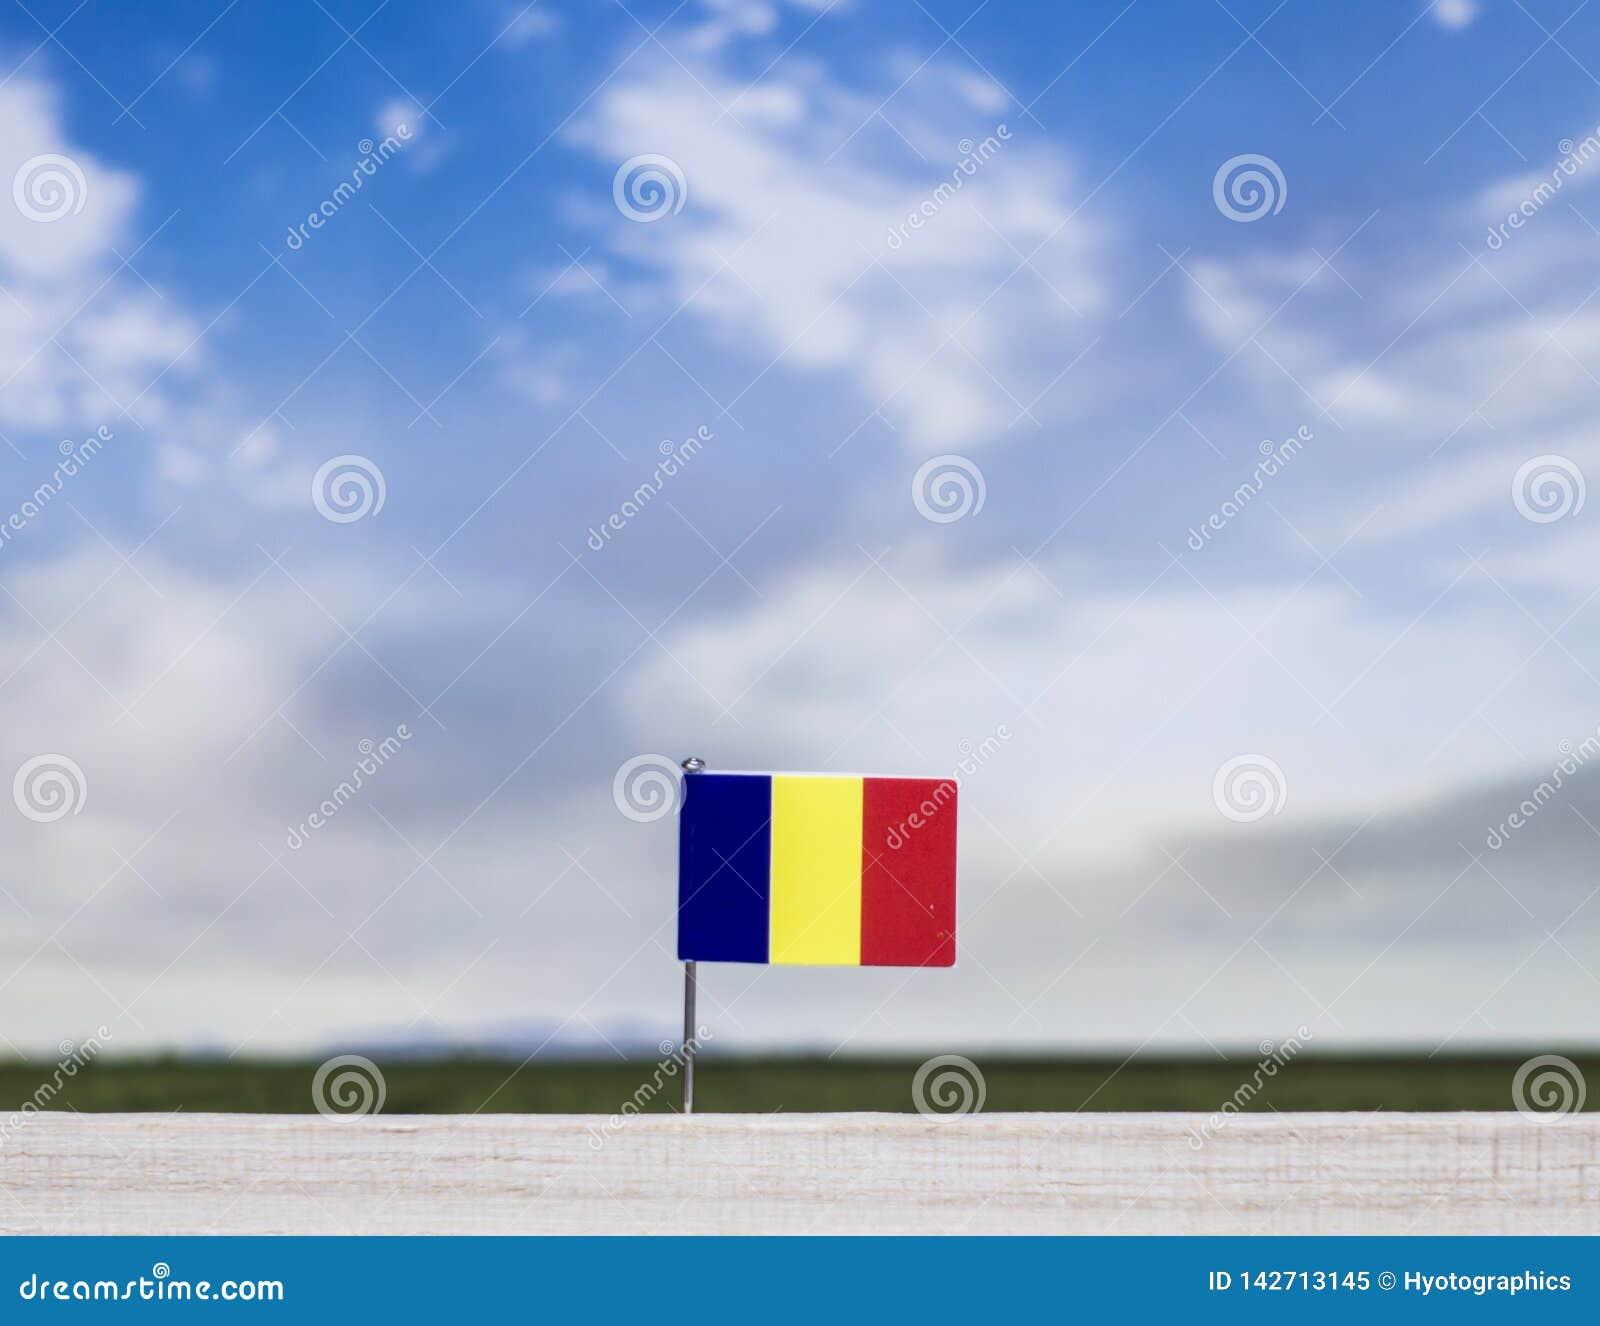 Flaga Rumunia z szeroką łąką i niebieskim niebem za nim